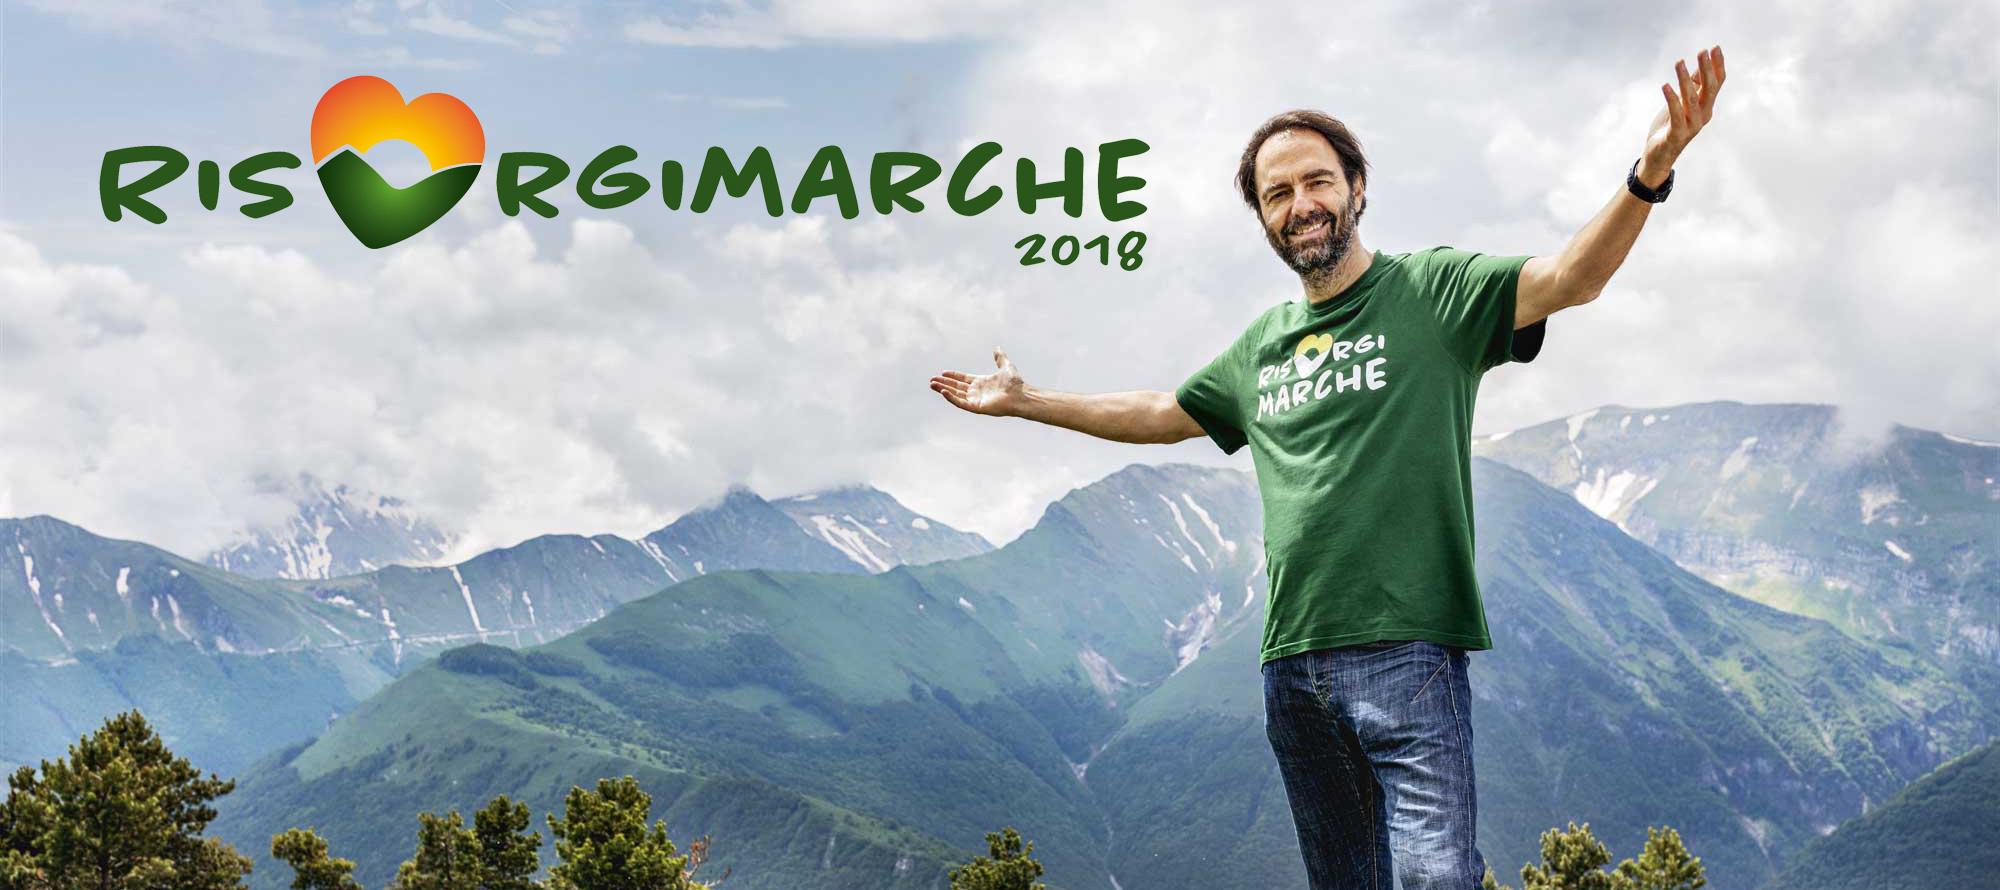 RisorgiMarche-slider-3